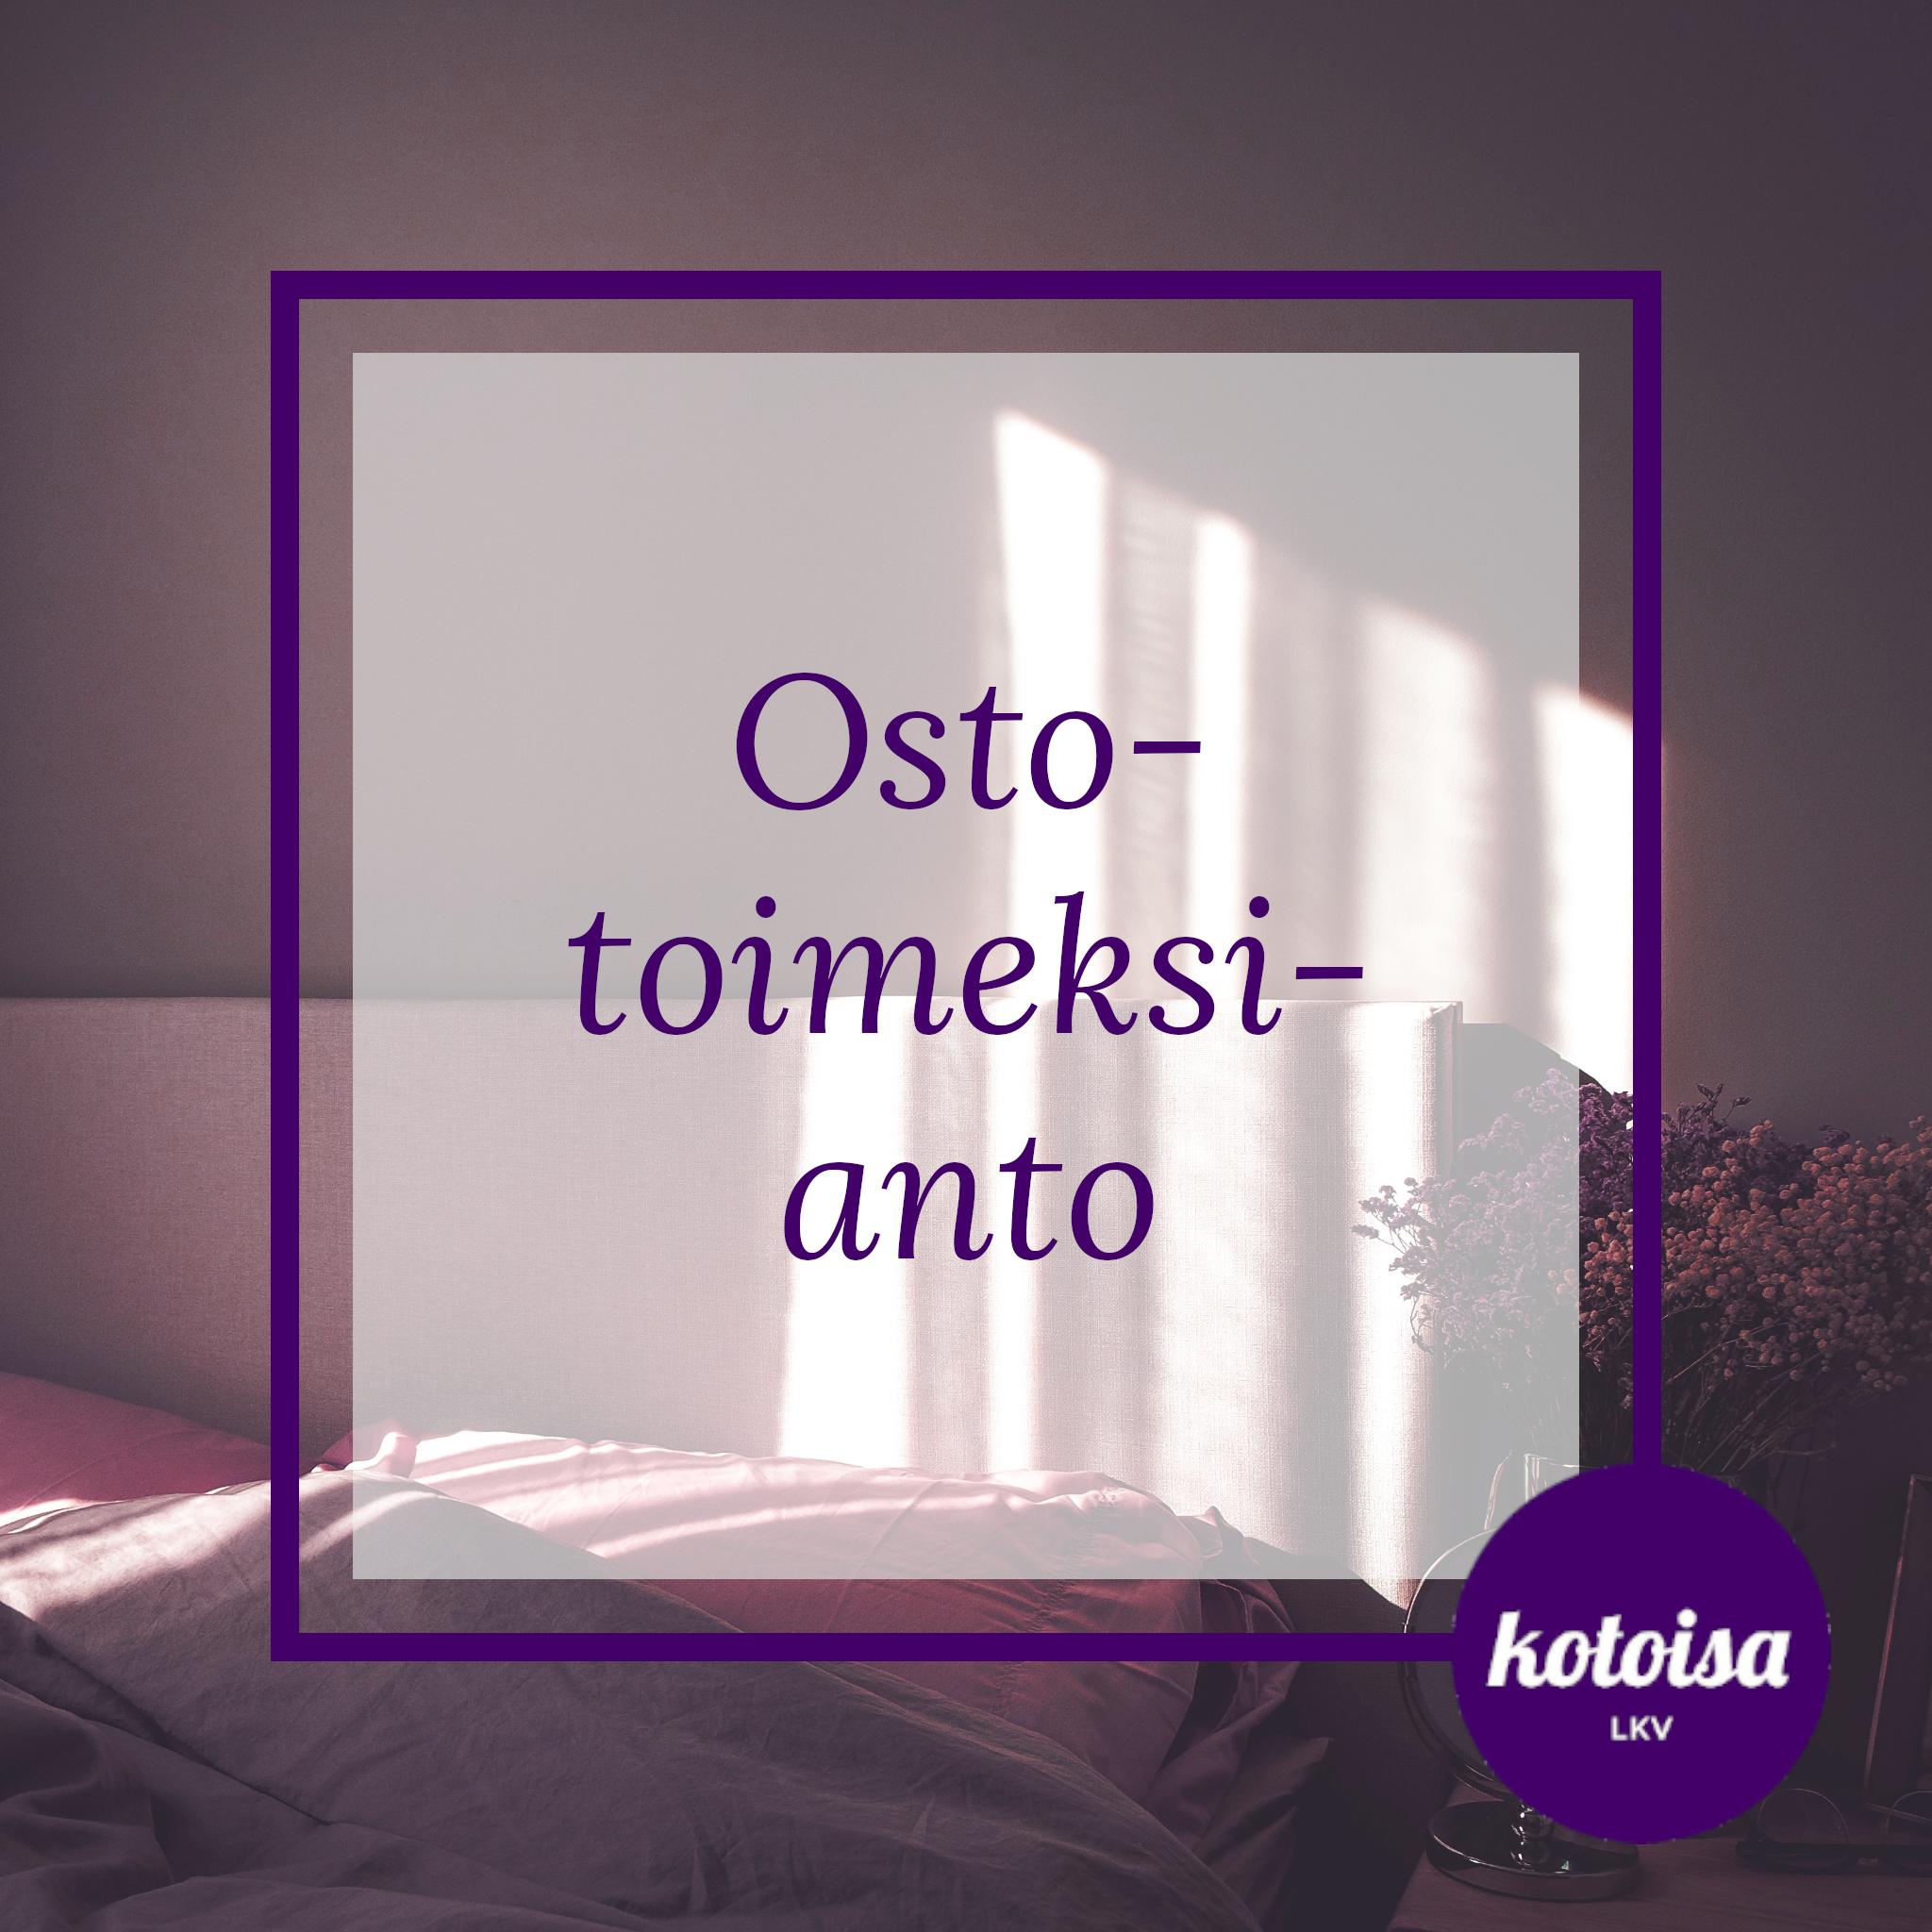 kotoisa_ostotoimeksianto_ig